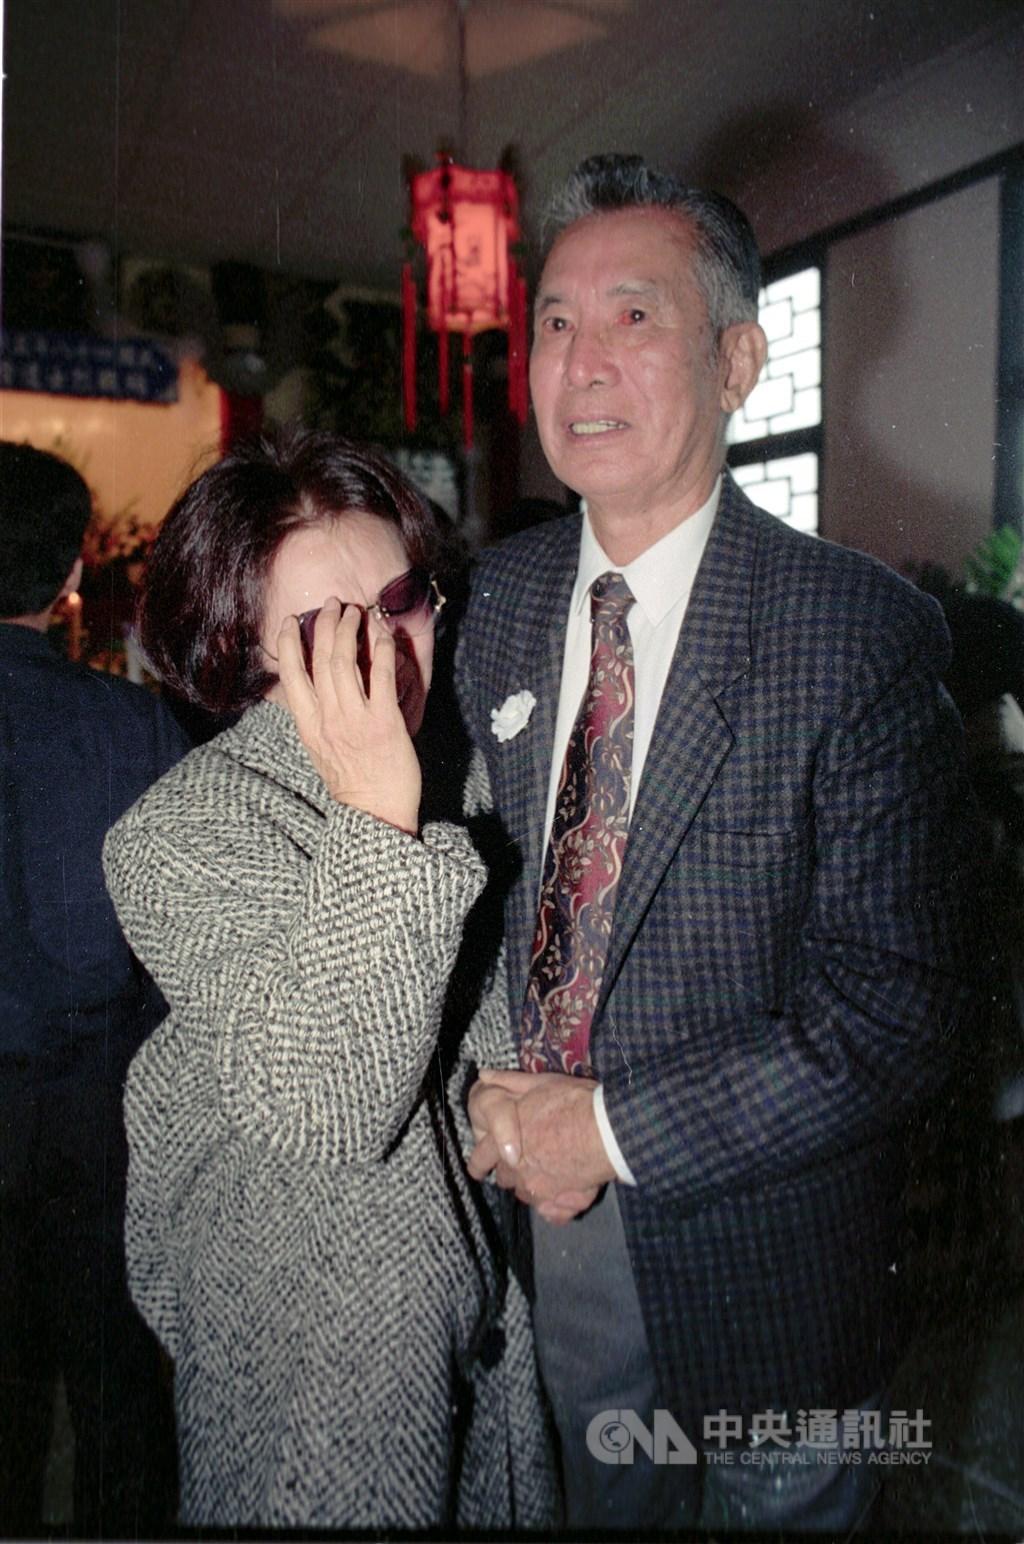 空軍黑蝙蝠34中隊長趙欽(右)12日以97歲高齡辭世。圖為趙欽1992年出席黑蝙蝠中隊14名殉職烈士靈骨存厝典禮。(中央社檔案照片)